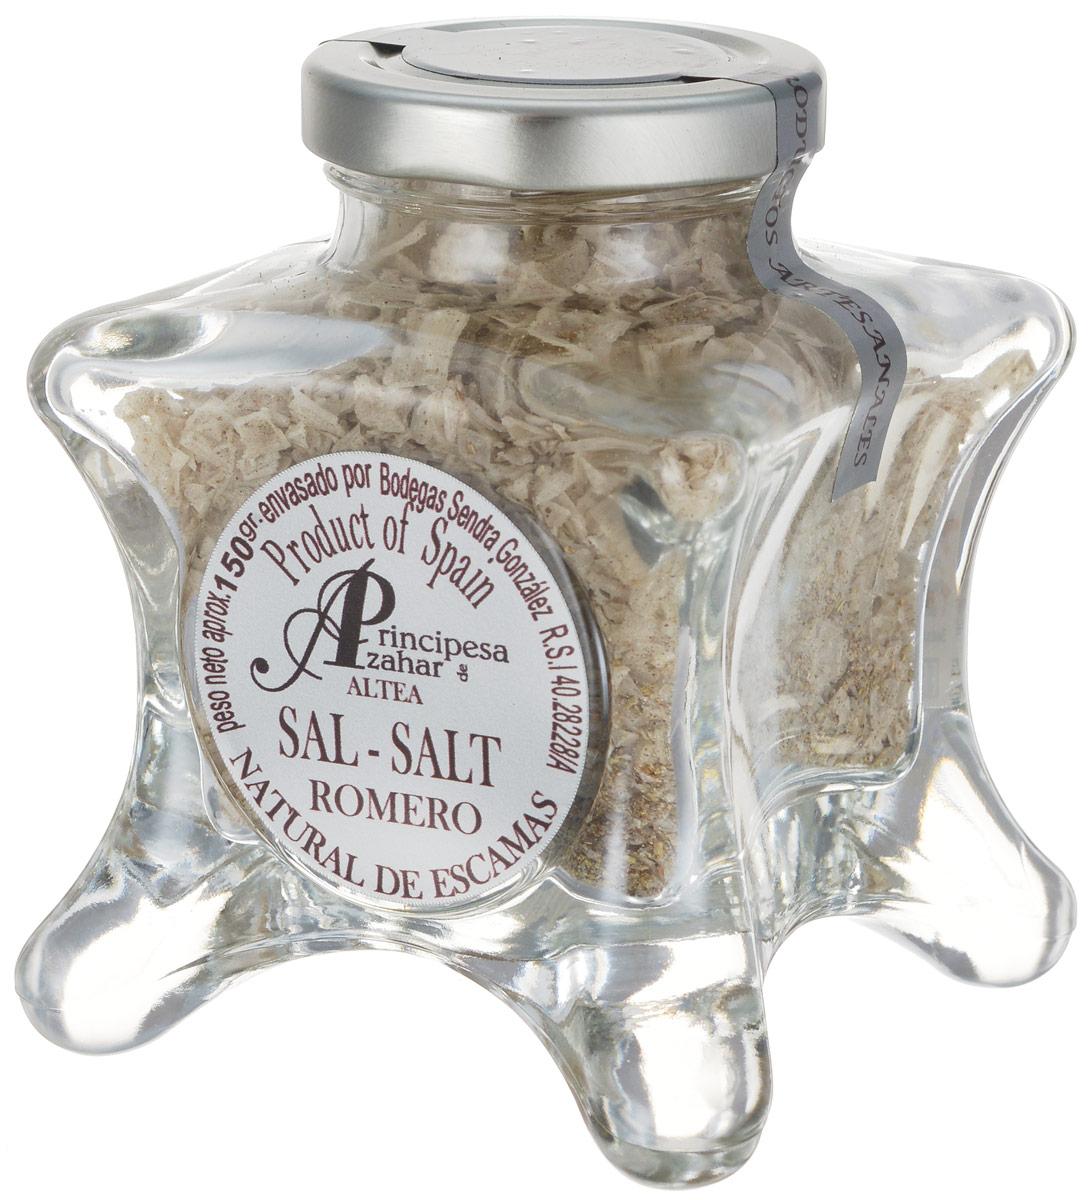 Principe de Azahar морская пищевая соль с розмарином, 150 г0120710Пищевая натуральная морская соль с розмарином Principe de Azahar от фермера Sendra Gonzalez - это продукт для гурманов, а также любителей кулинарии с воображением. Морская соль полезнее обычной поваренной, так как содержит высокую концентрацию магния и других полезных веществ. Размер кристаллов составляет 4-12 мм.